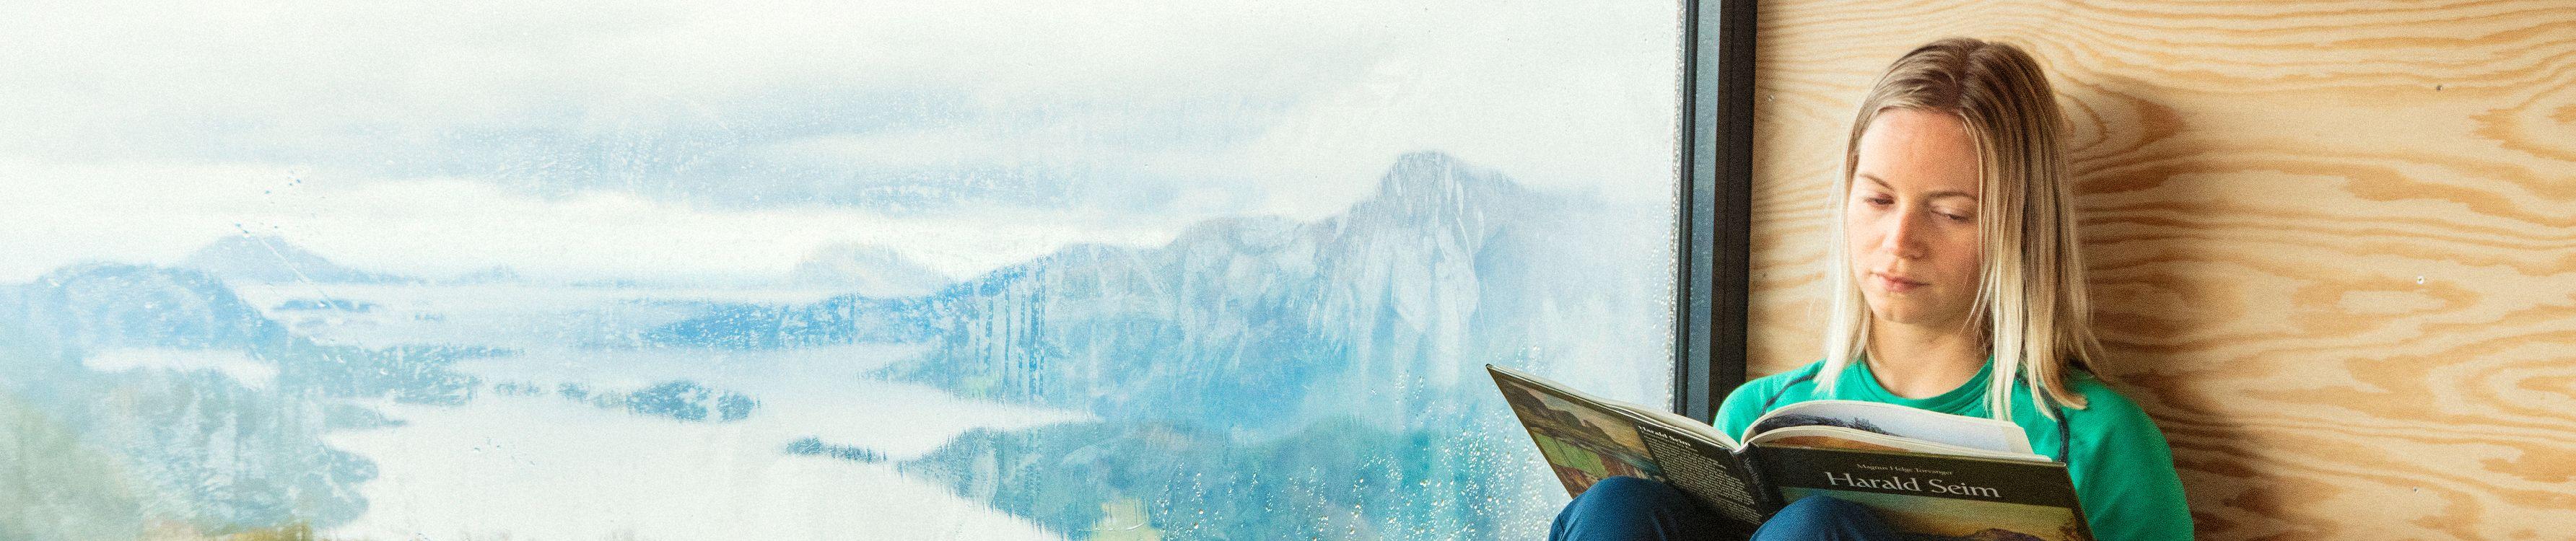 Illustrasjonsbilde: Kvinne sit i vinduskarmen og les